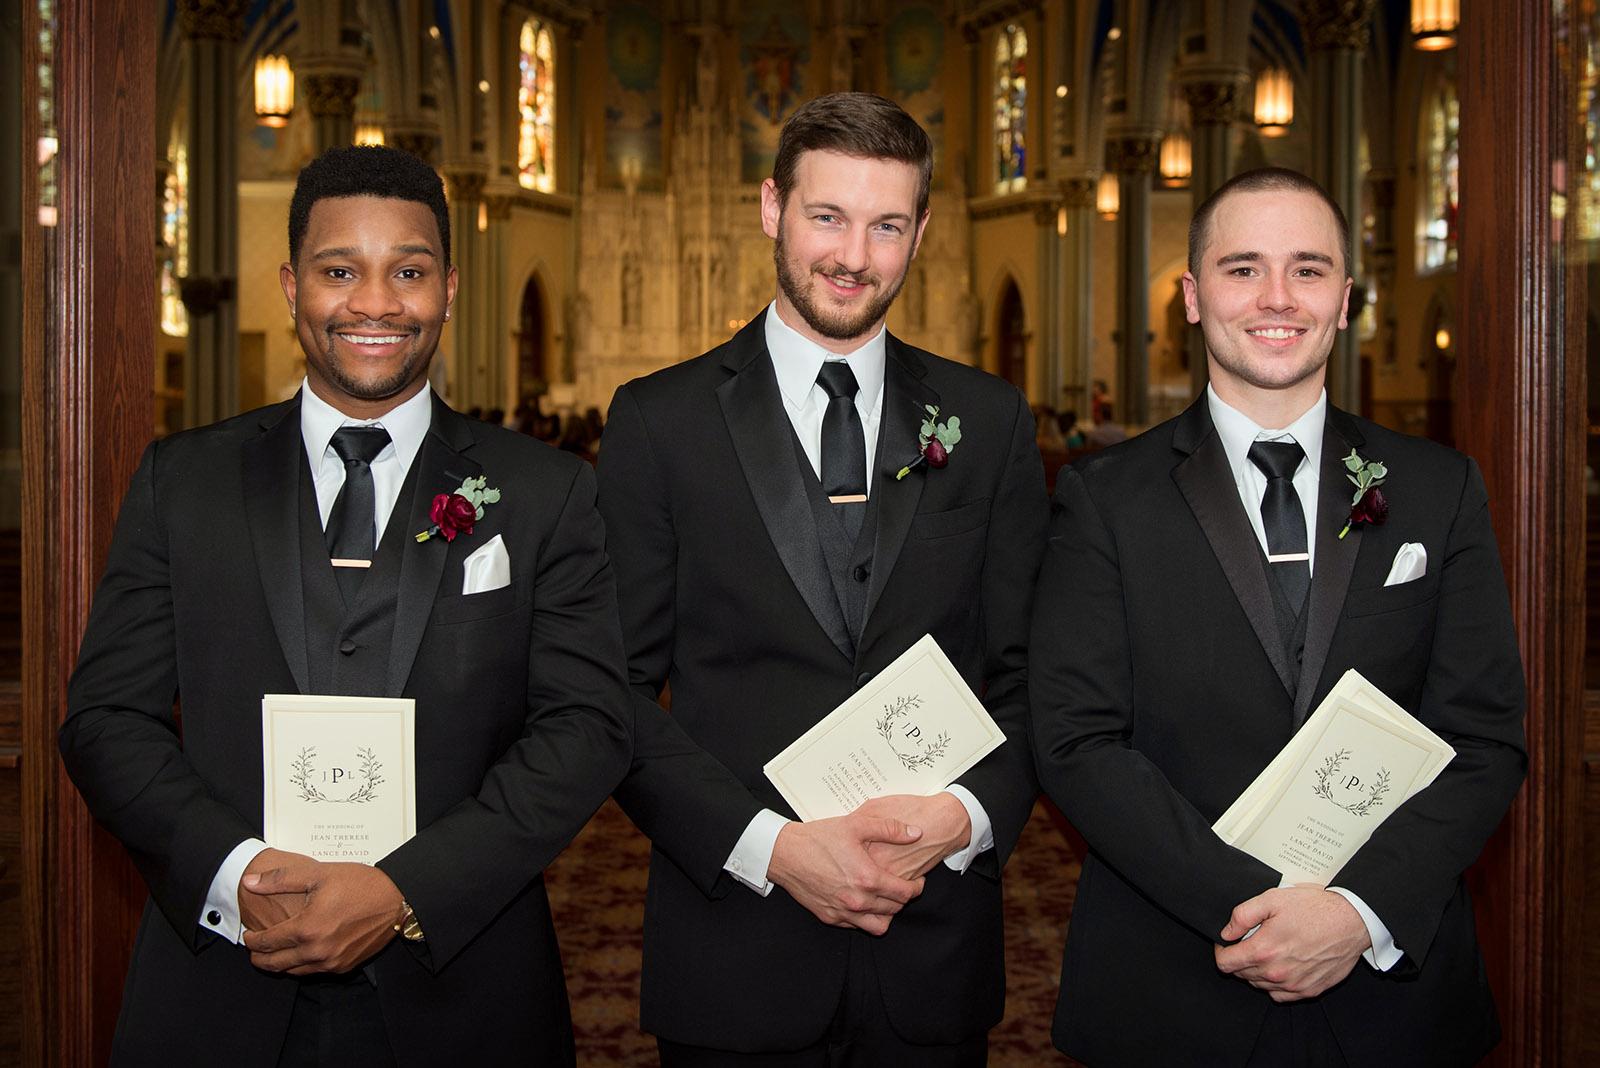 Ushers holding wedding programs